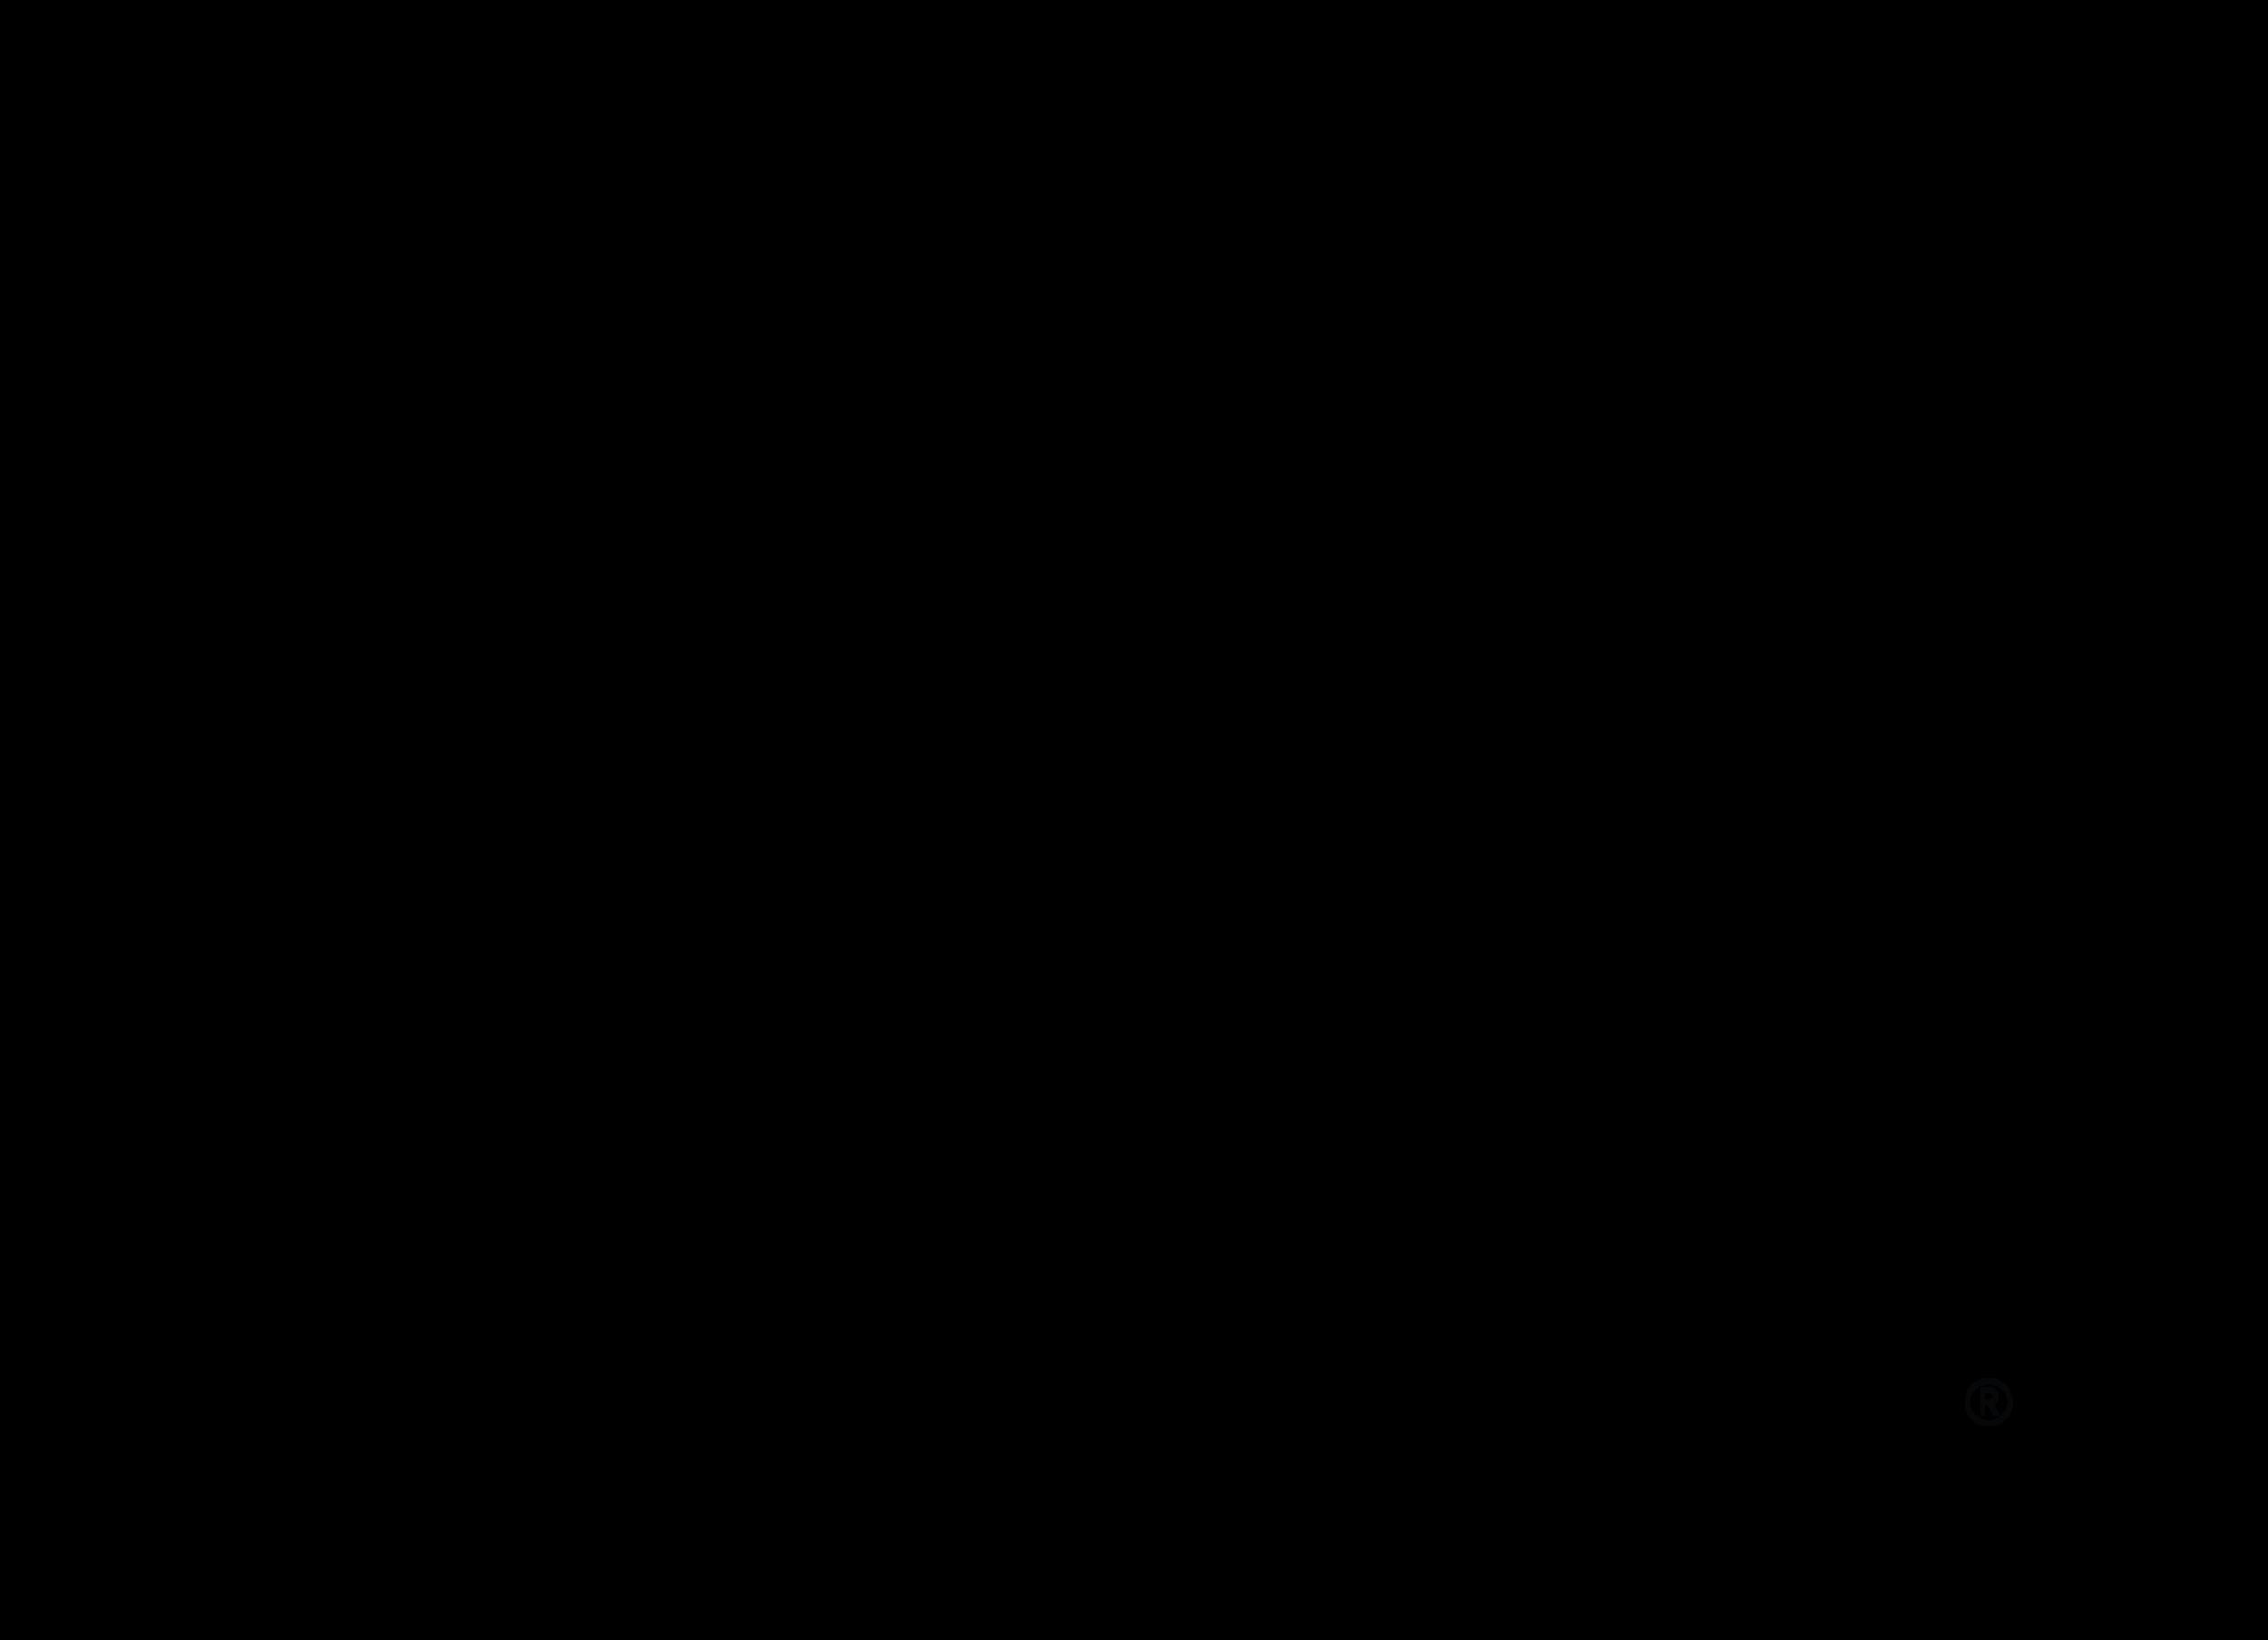 JENNIFER OSTLUND - TrademarkedCow.png